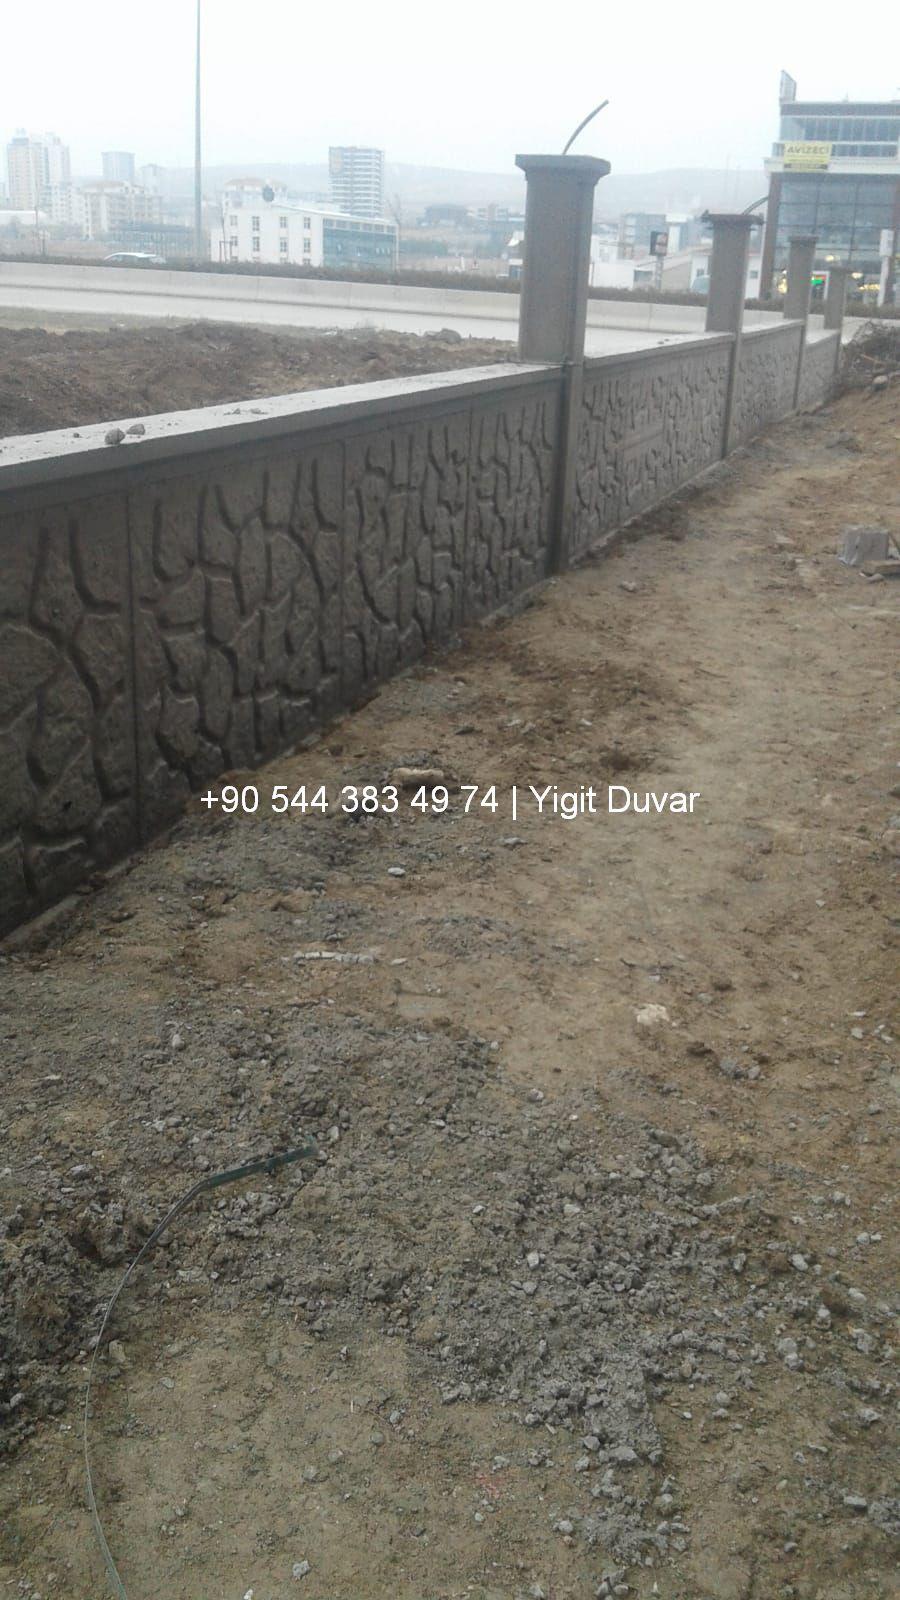 duvar-ustasi-yigit-duvar083